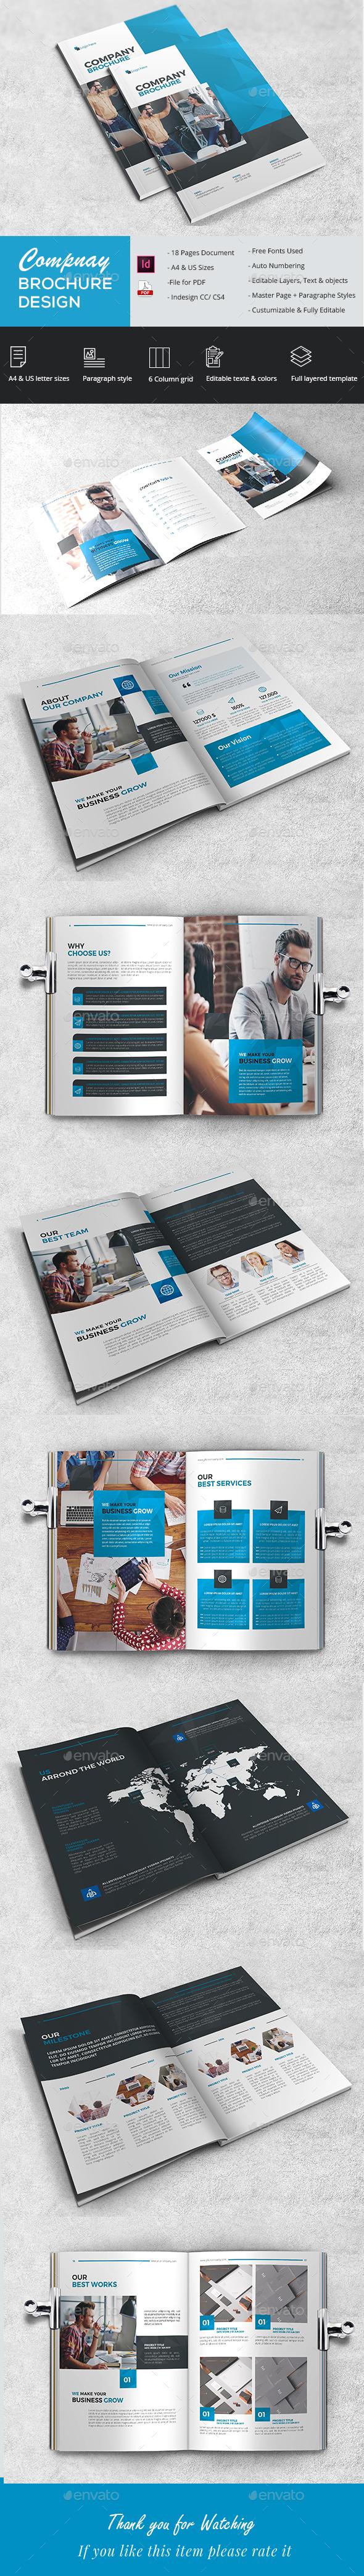 Elegant Proposal Brochure - Brochures Print Templates